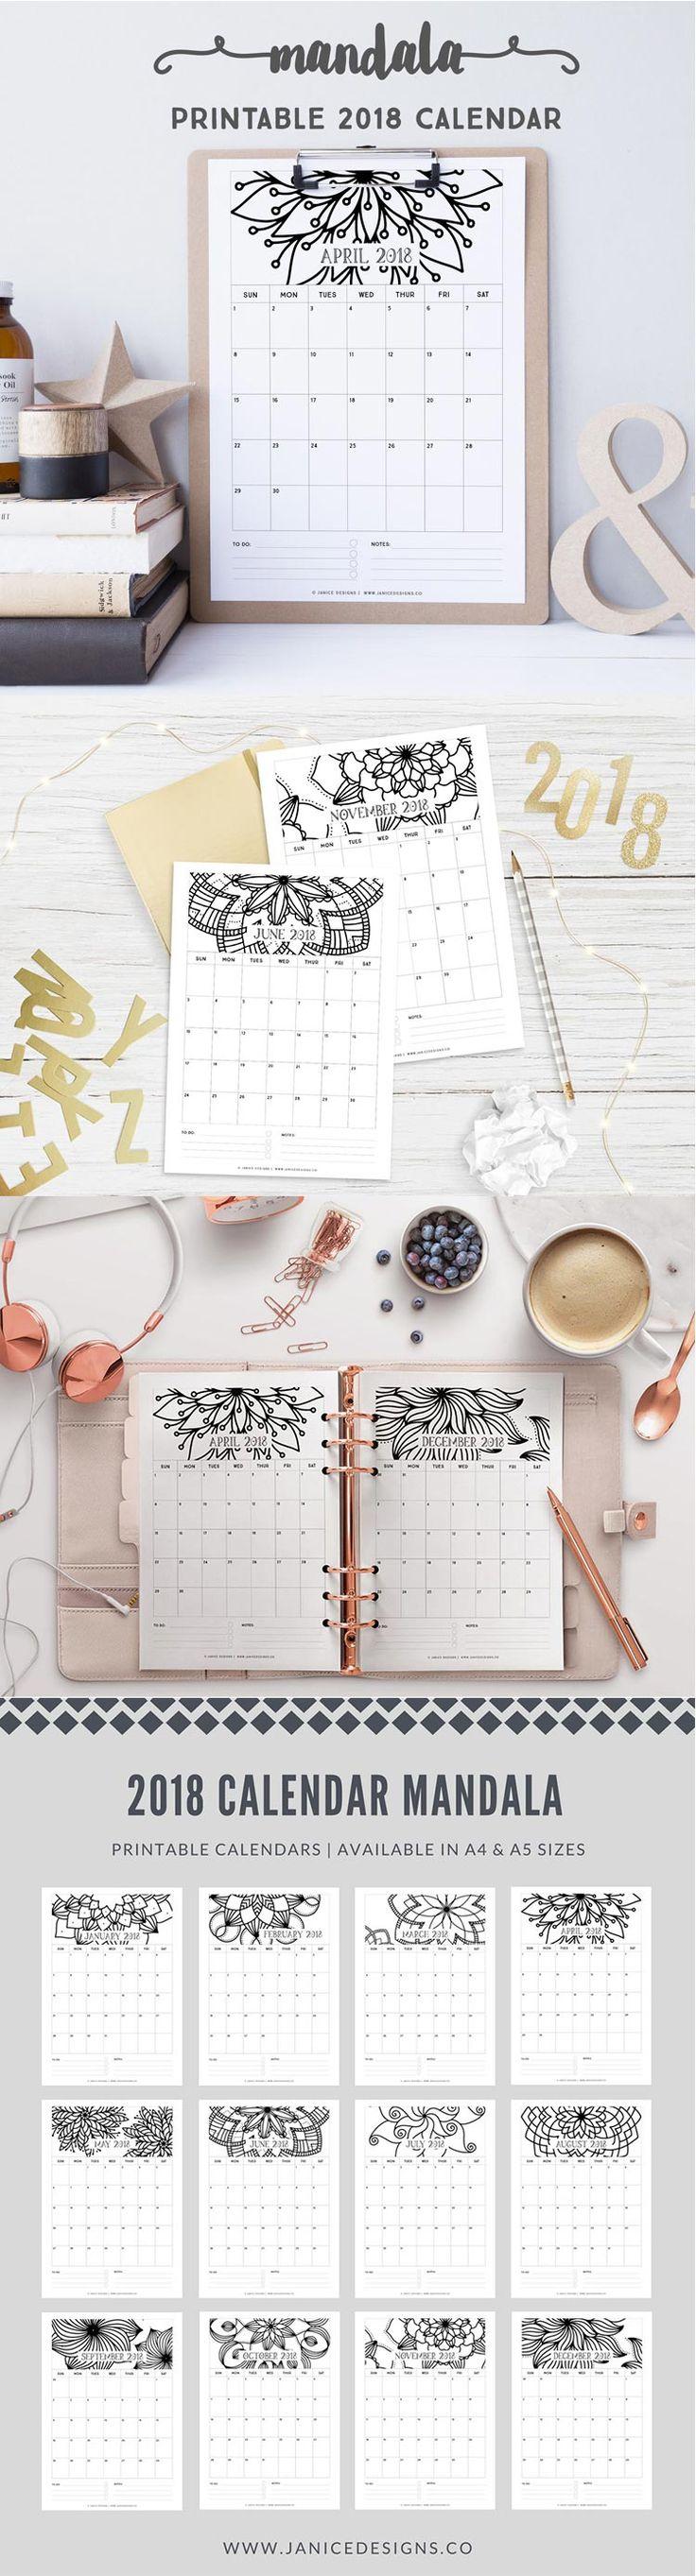 die besten 25 kalender 2018 ideen auf pinterest. Black Bedroom Furniture Sets. Home Design Ideas